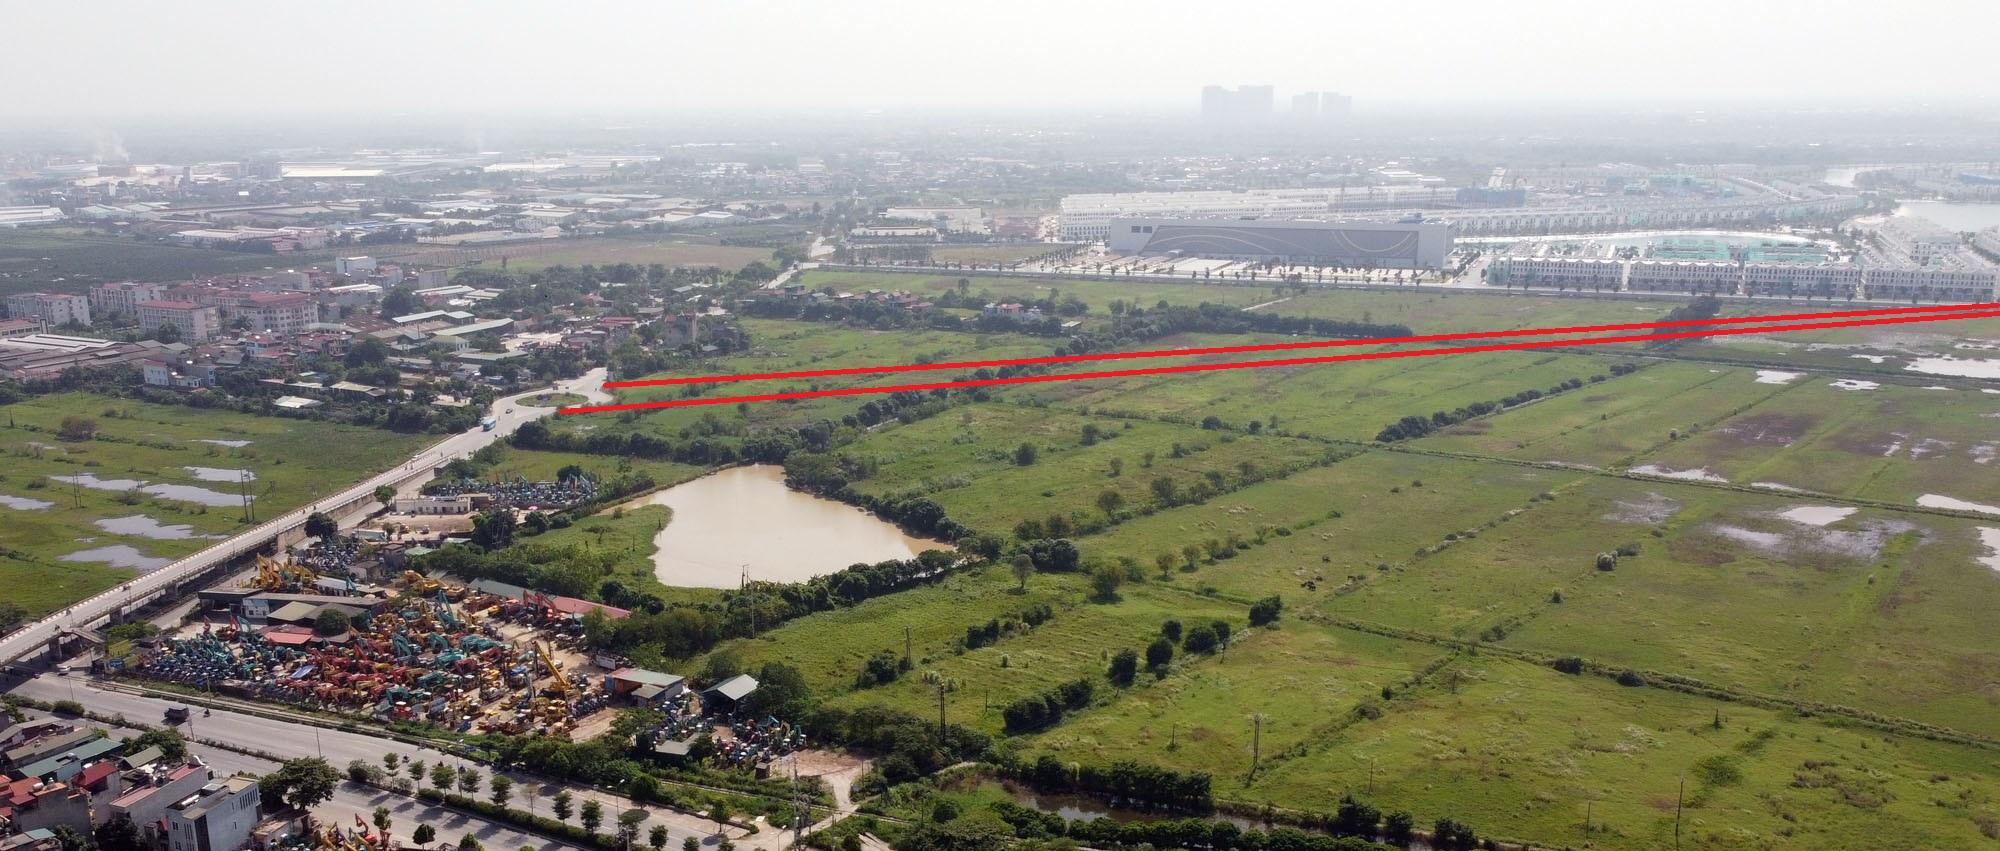 4 đường sẽ mở theo qui hoạch ở xã Dương Xá, Gia Lâm, Hà Nội - Ảnh 10.